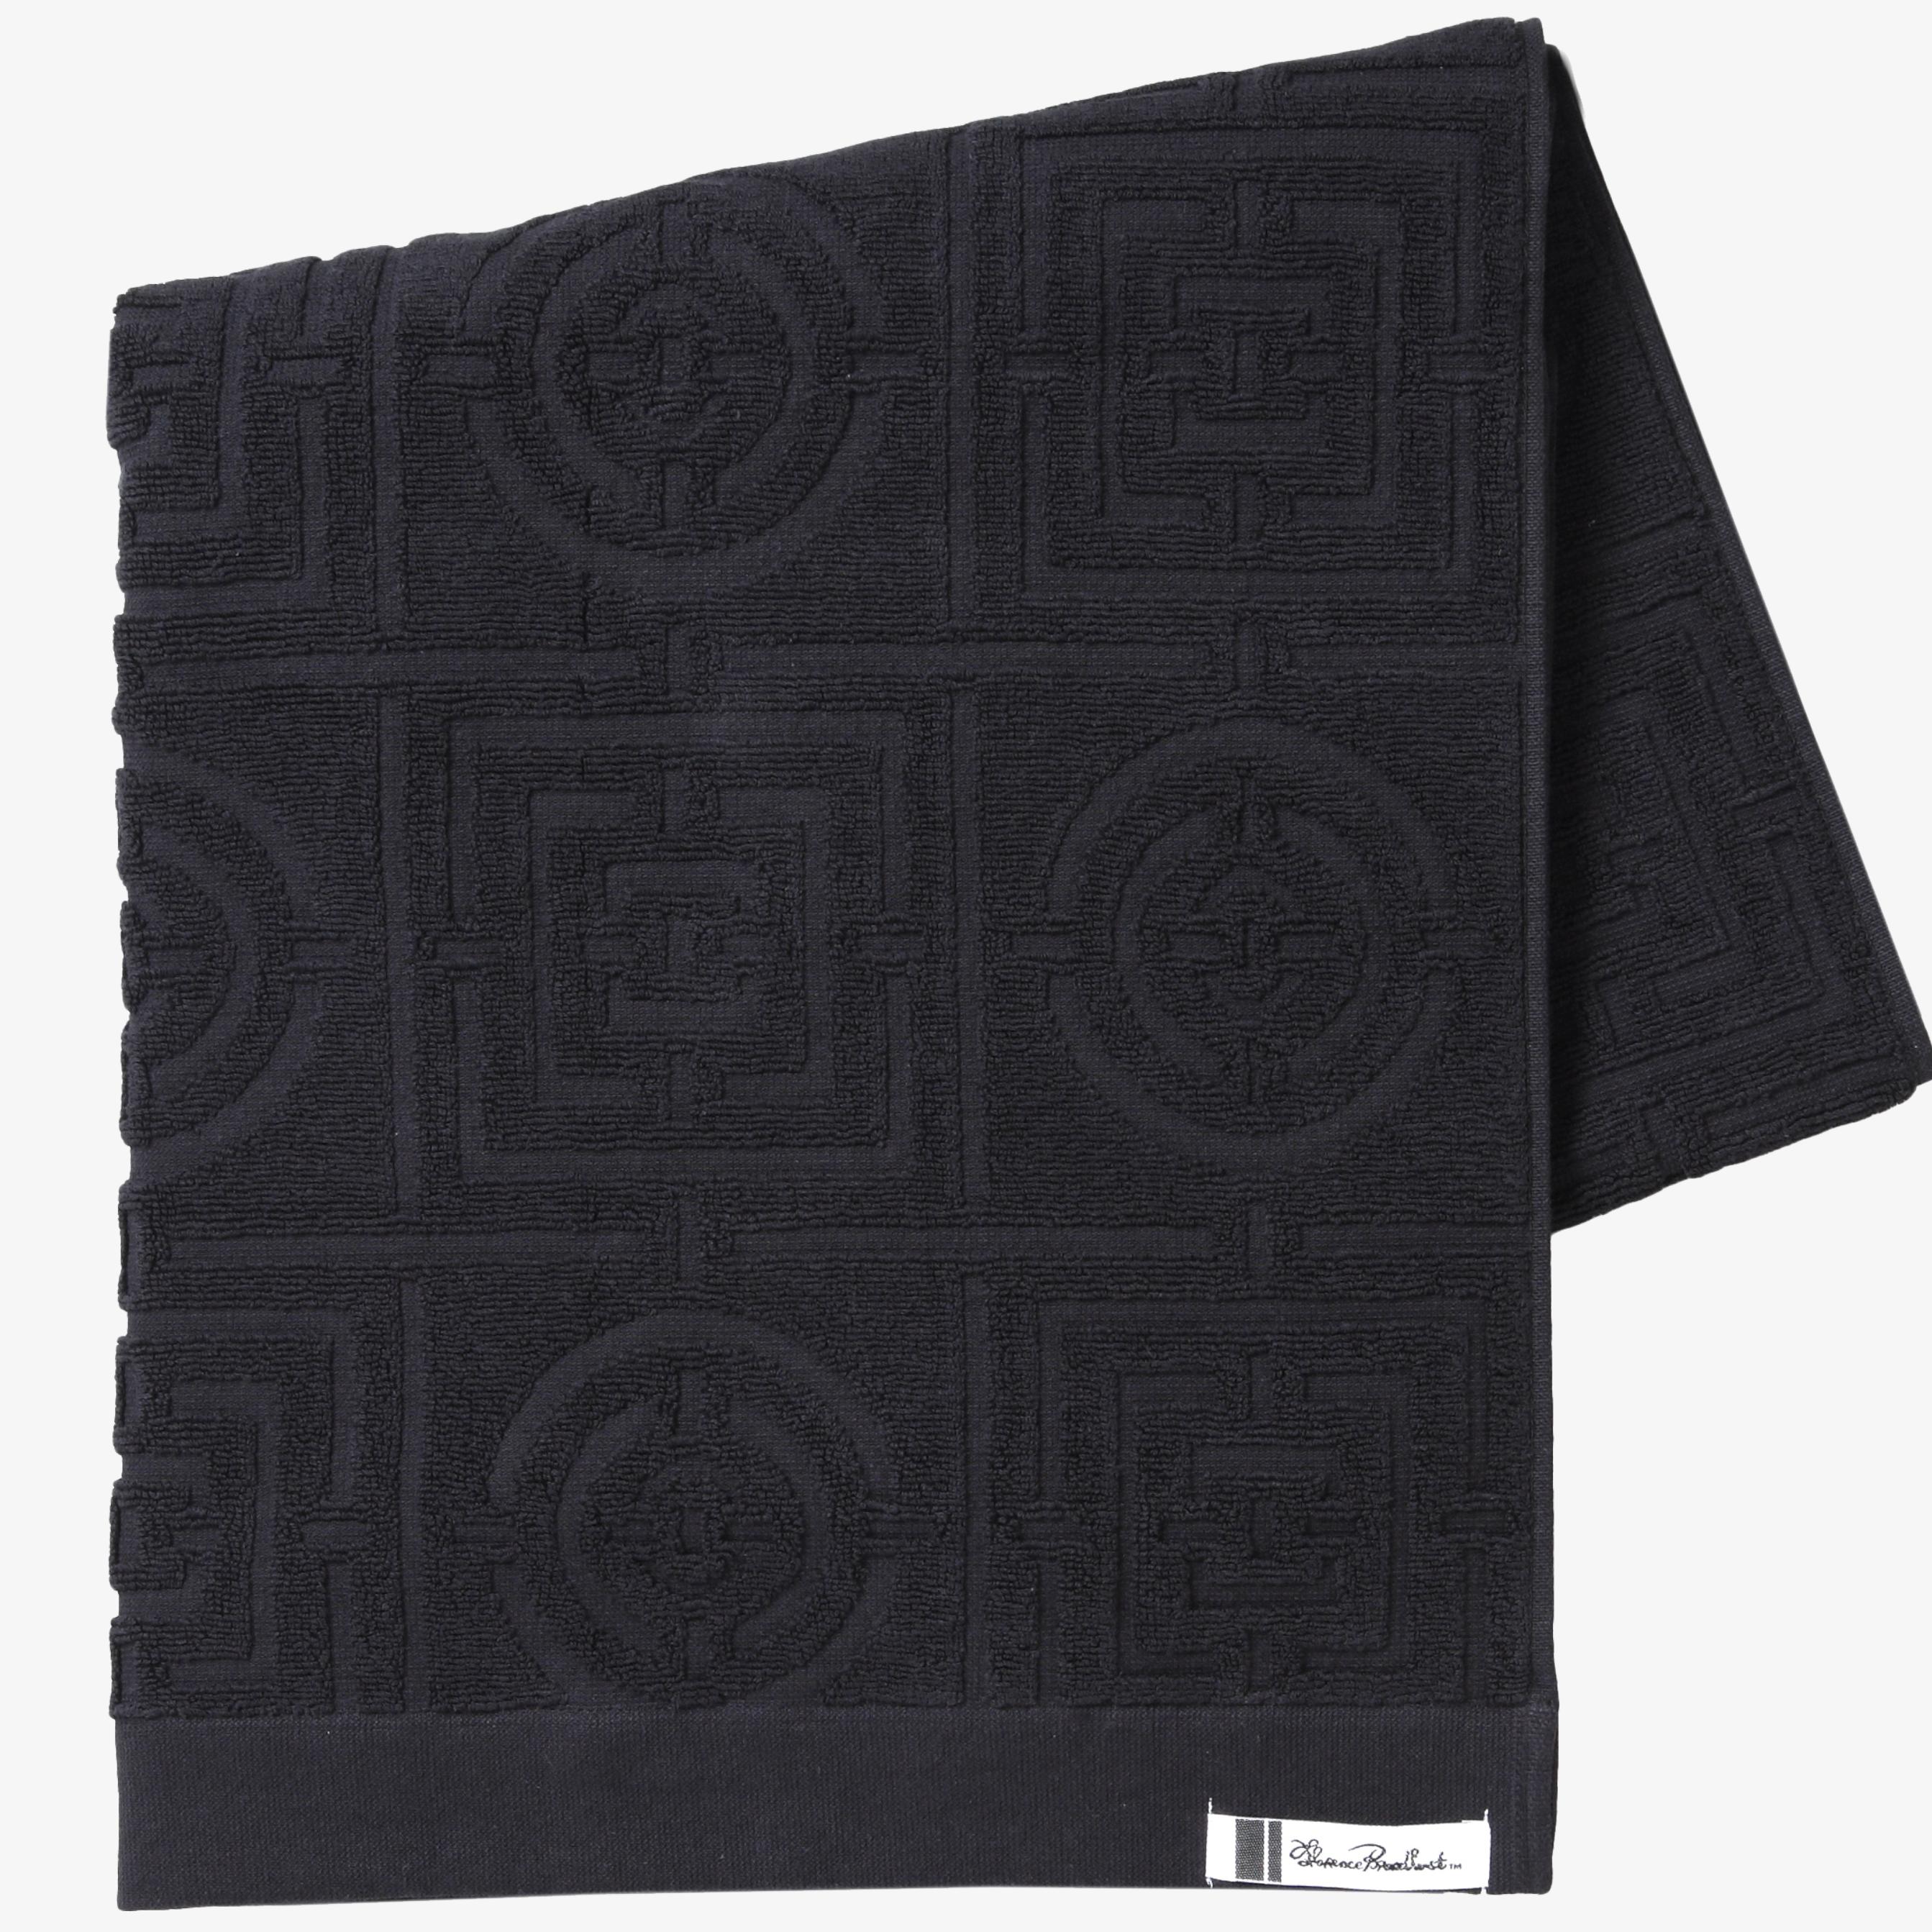 Towels, Designer Towels, Florence Broadhurst